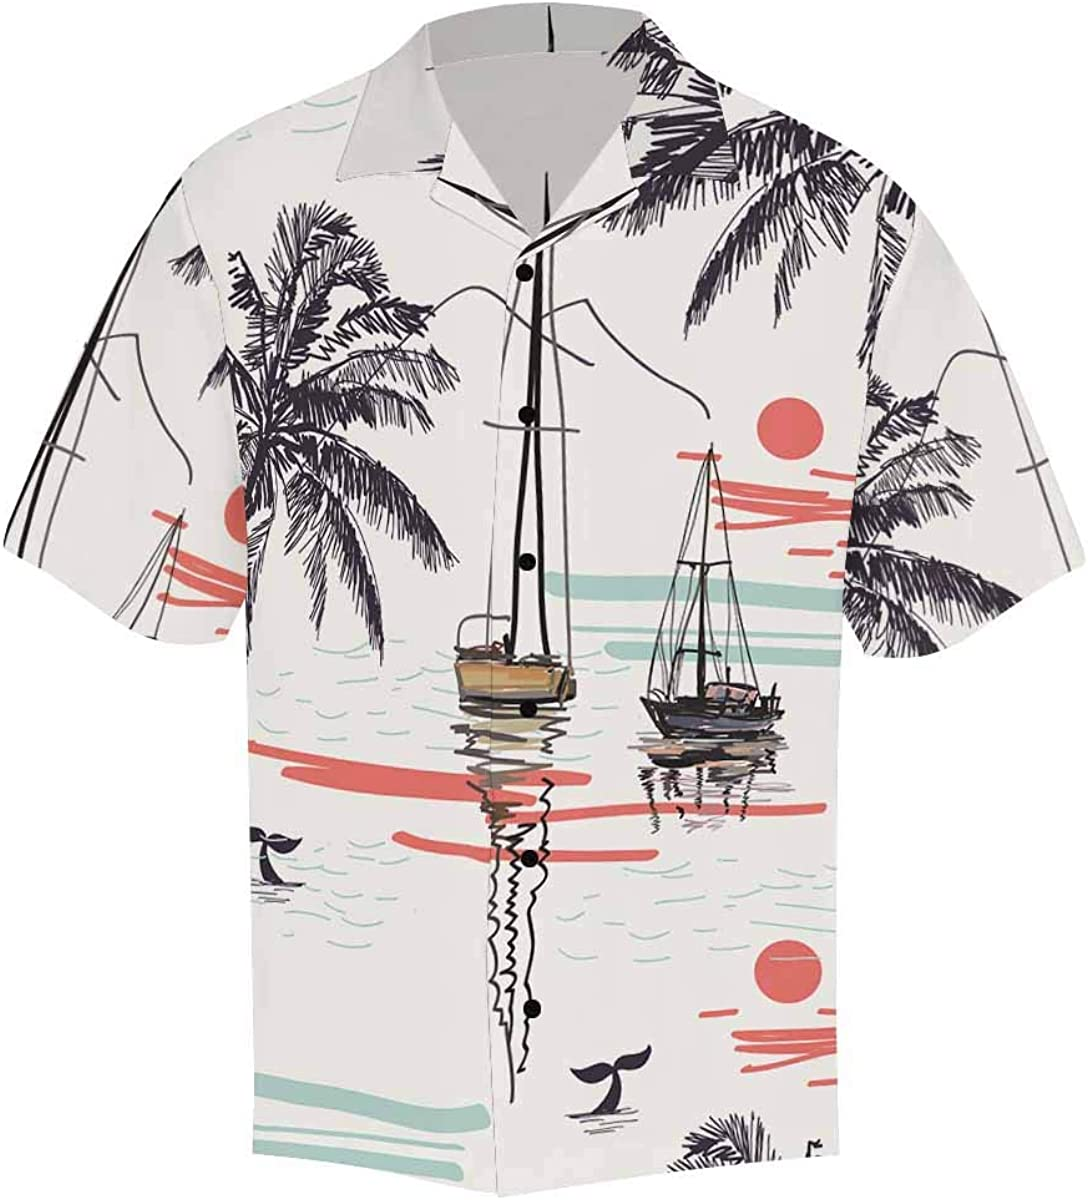 InterestPrint Men's Casual Button Down Short Sleeve Welcome Beach Palm Tree Hawaiian Shirt (S-5XL)